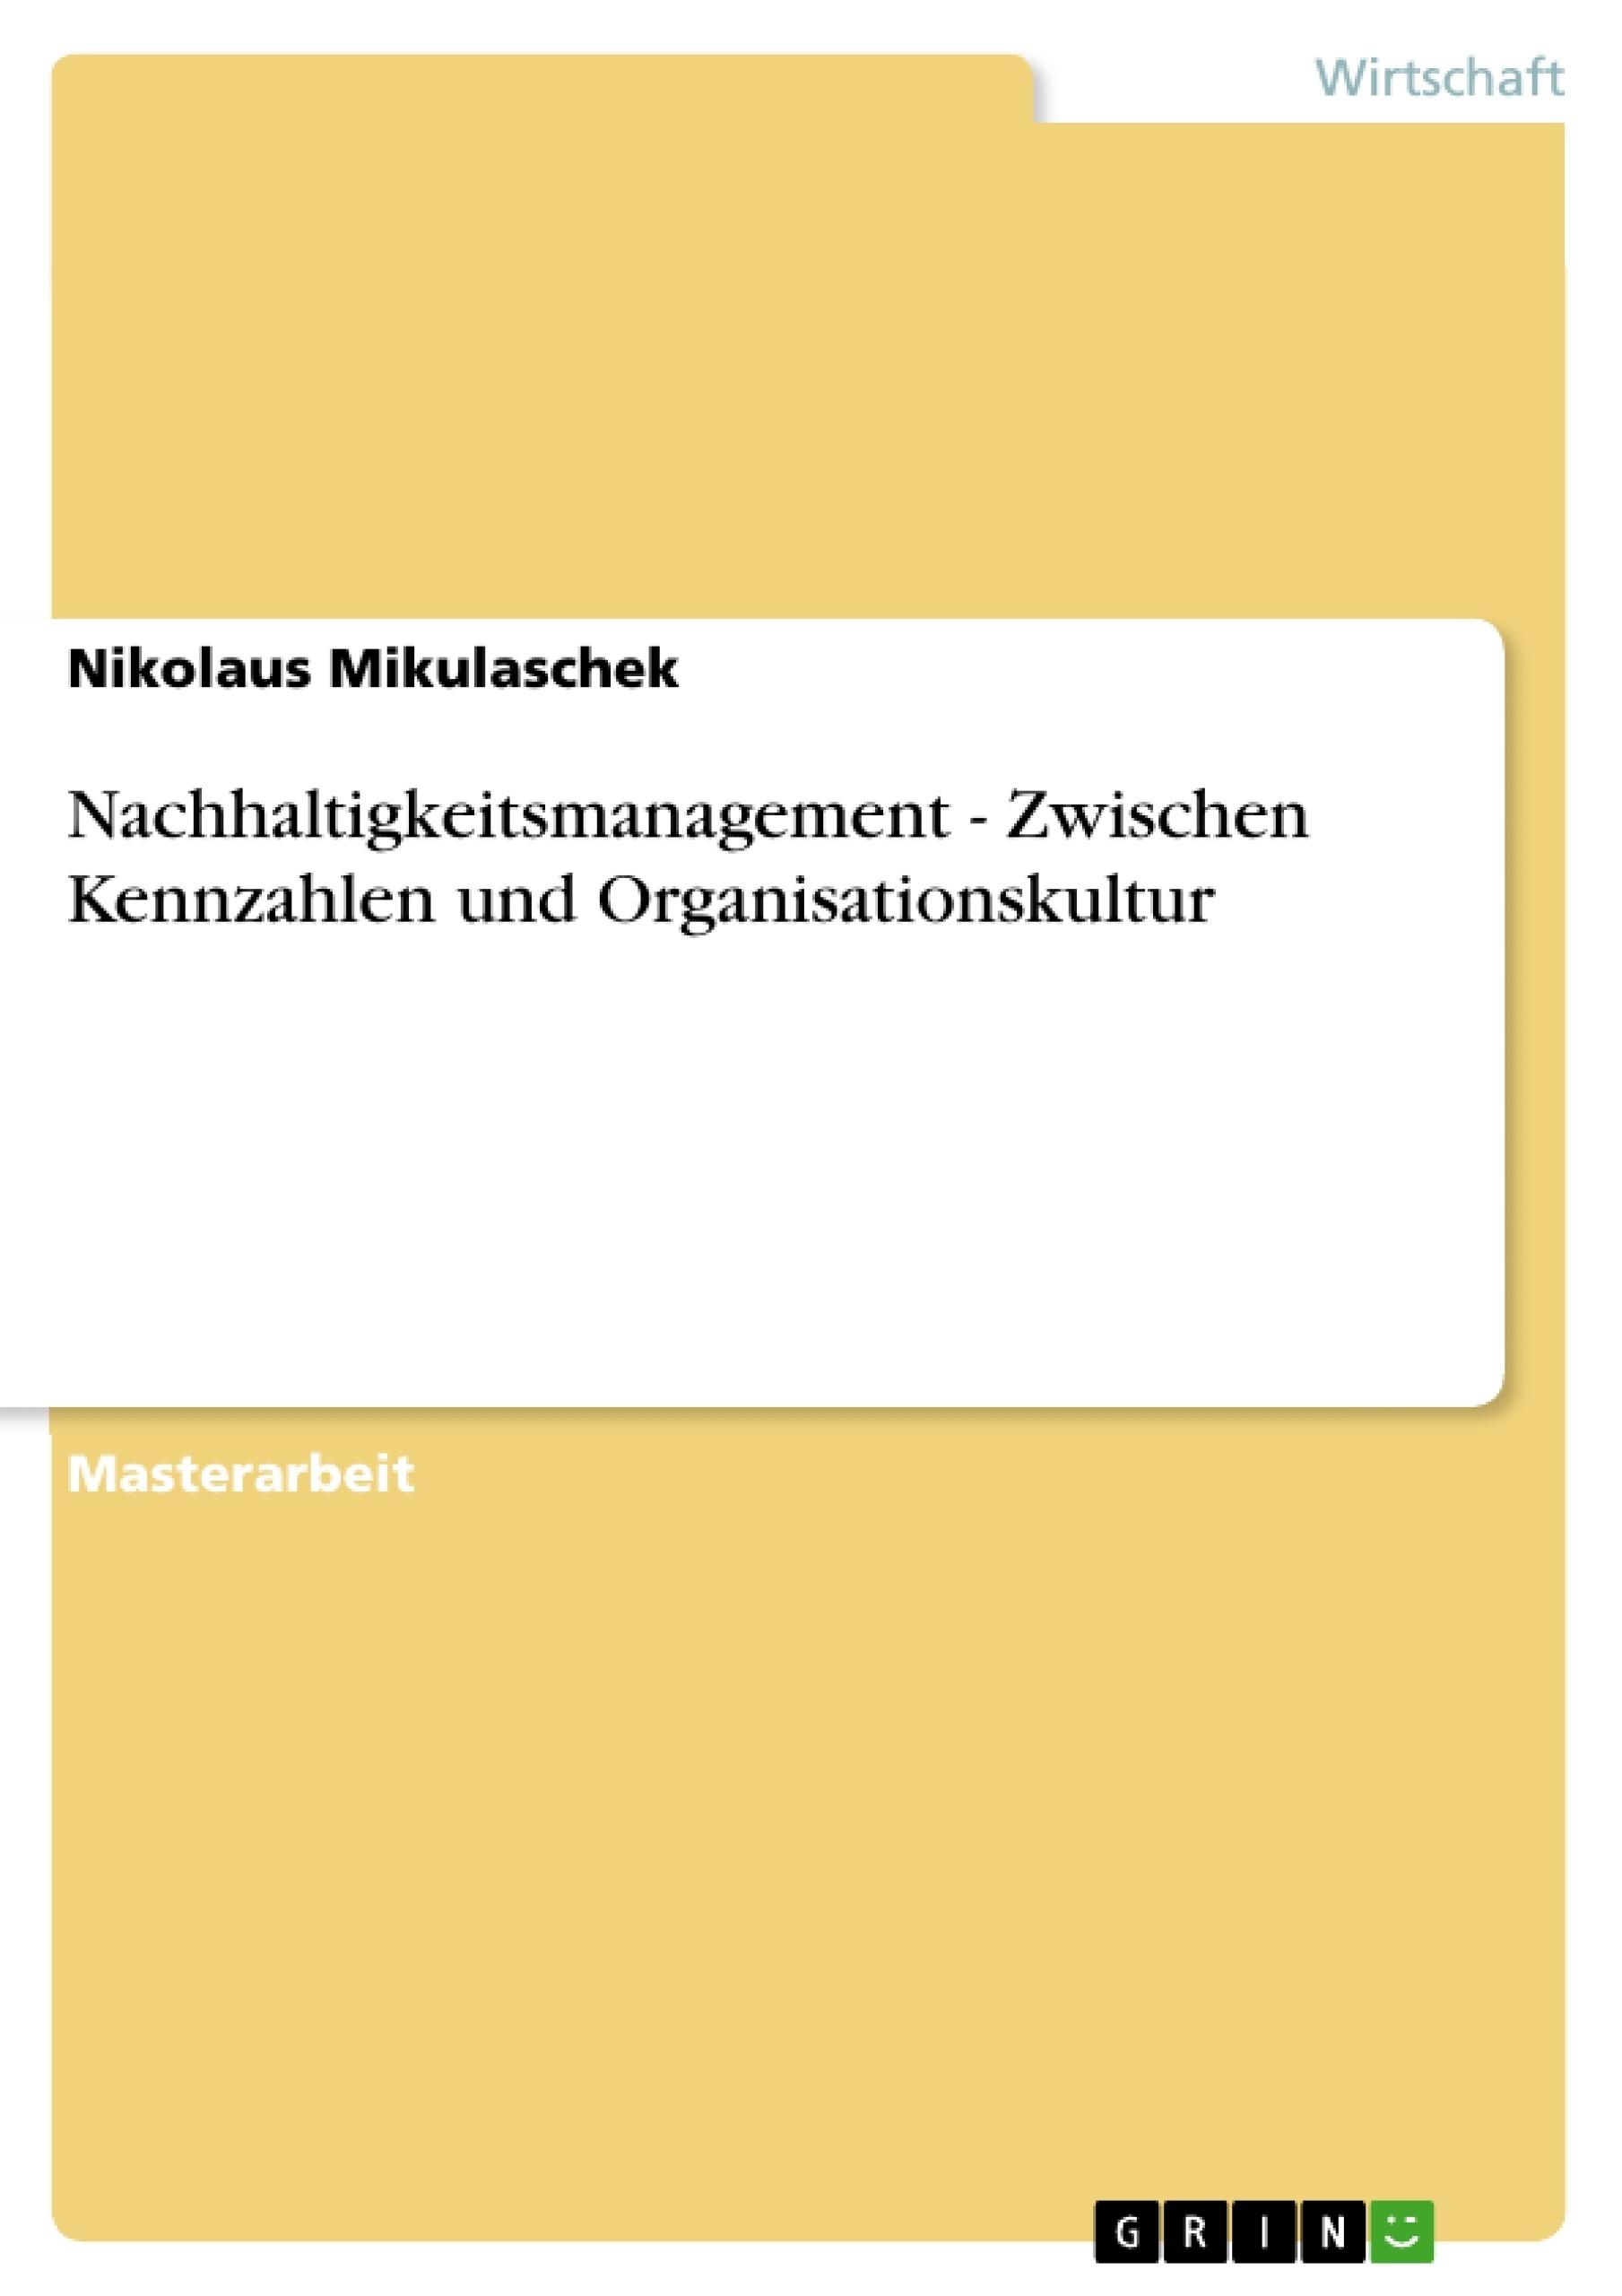 Titel: Nachhaltigkeitsmanagement - Zwischen Kennzahlen und Organisationskultur